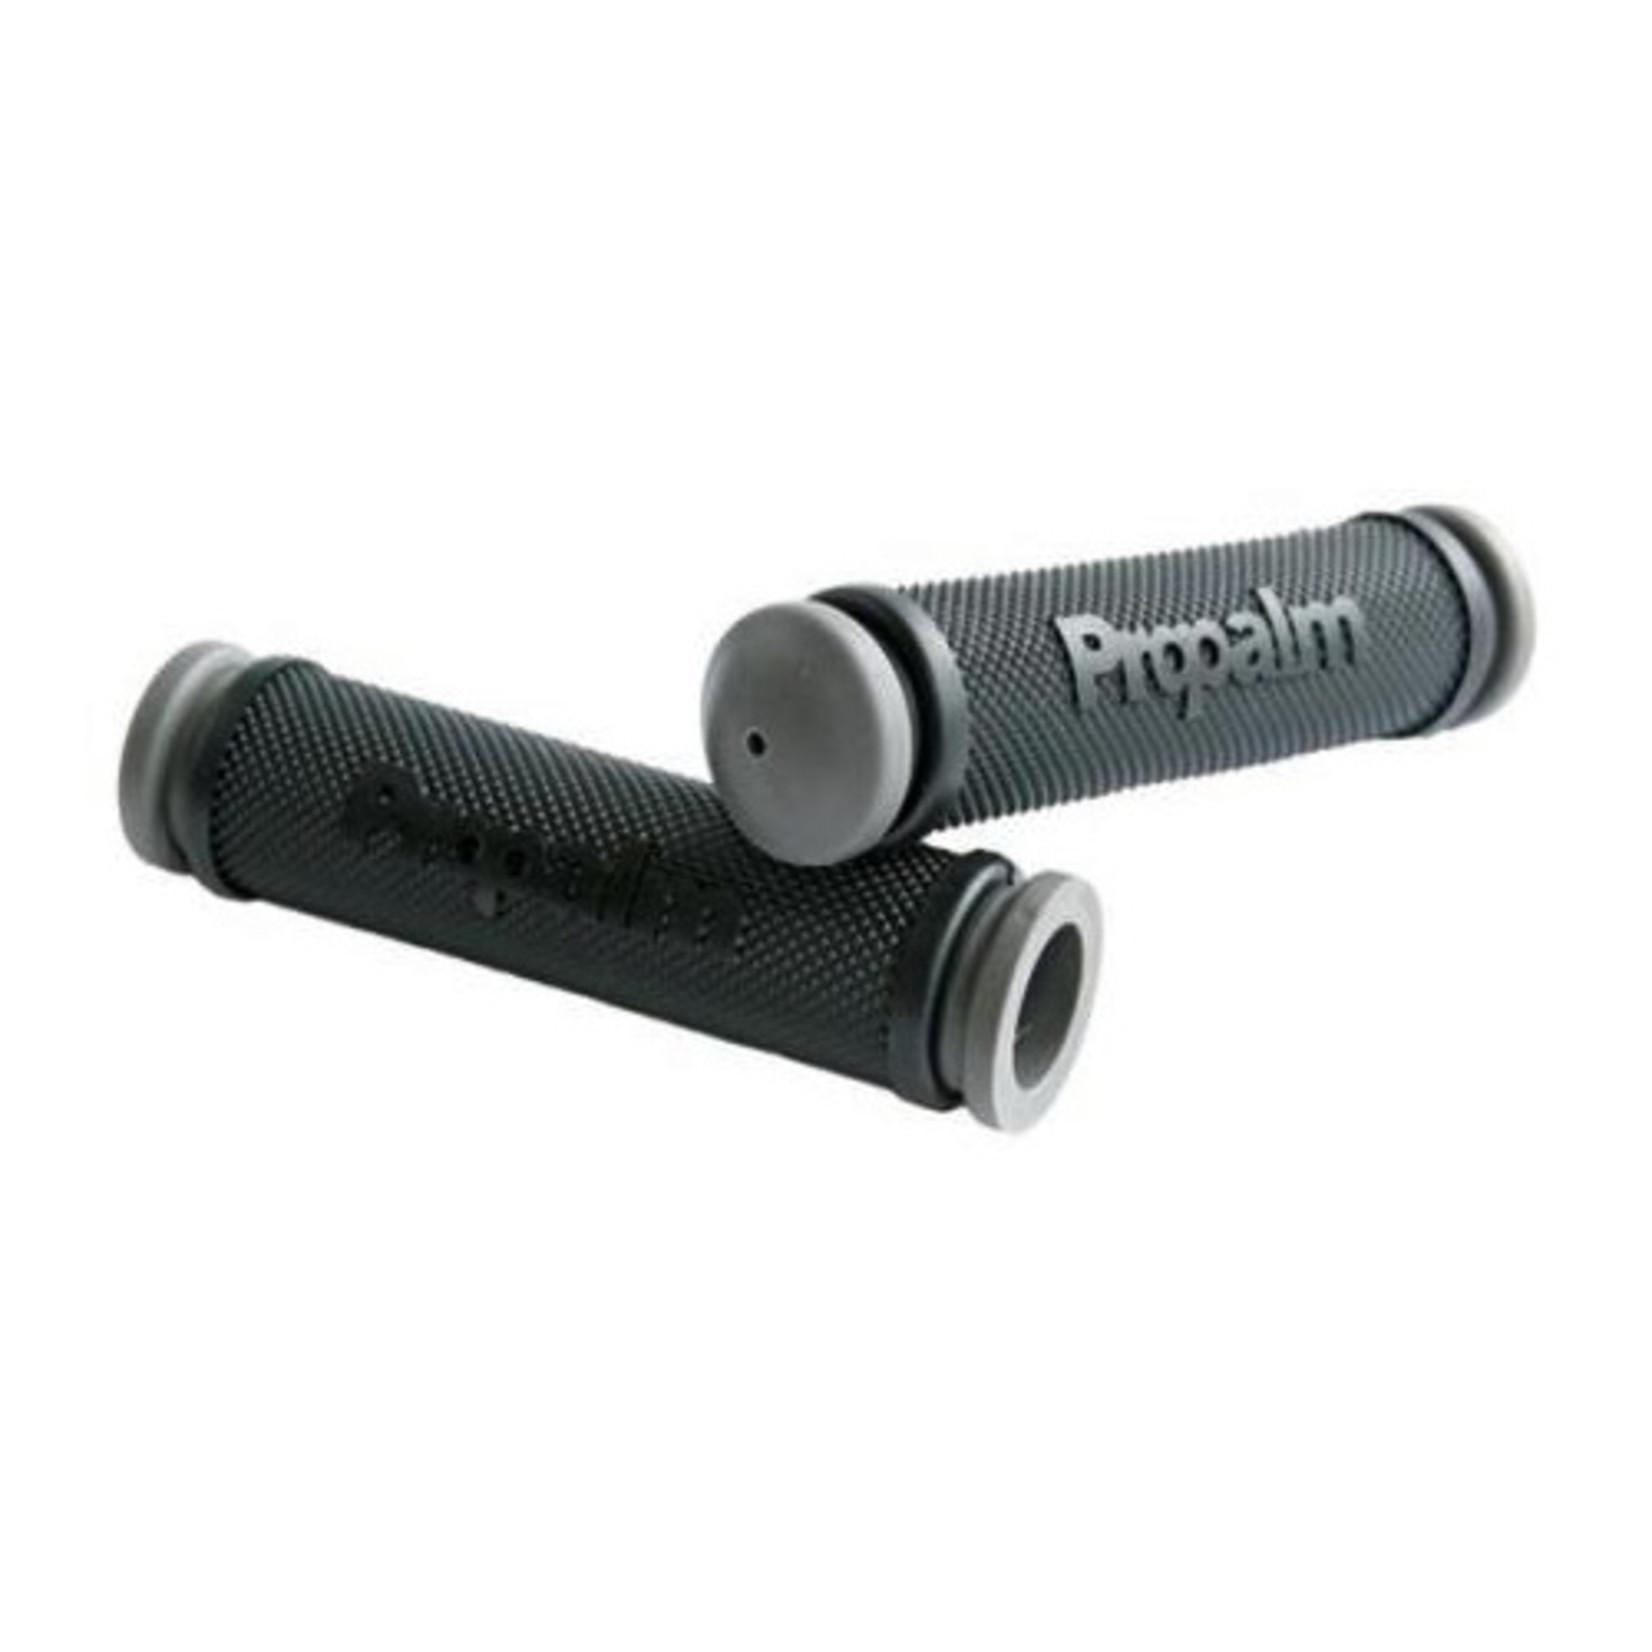 Propalm Propalm, Grips MTB Black/Grey 125mm